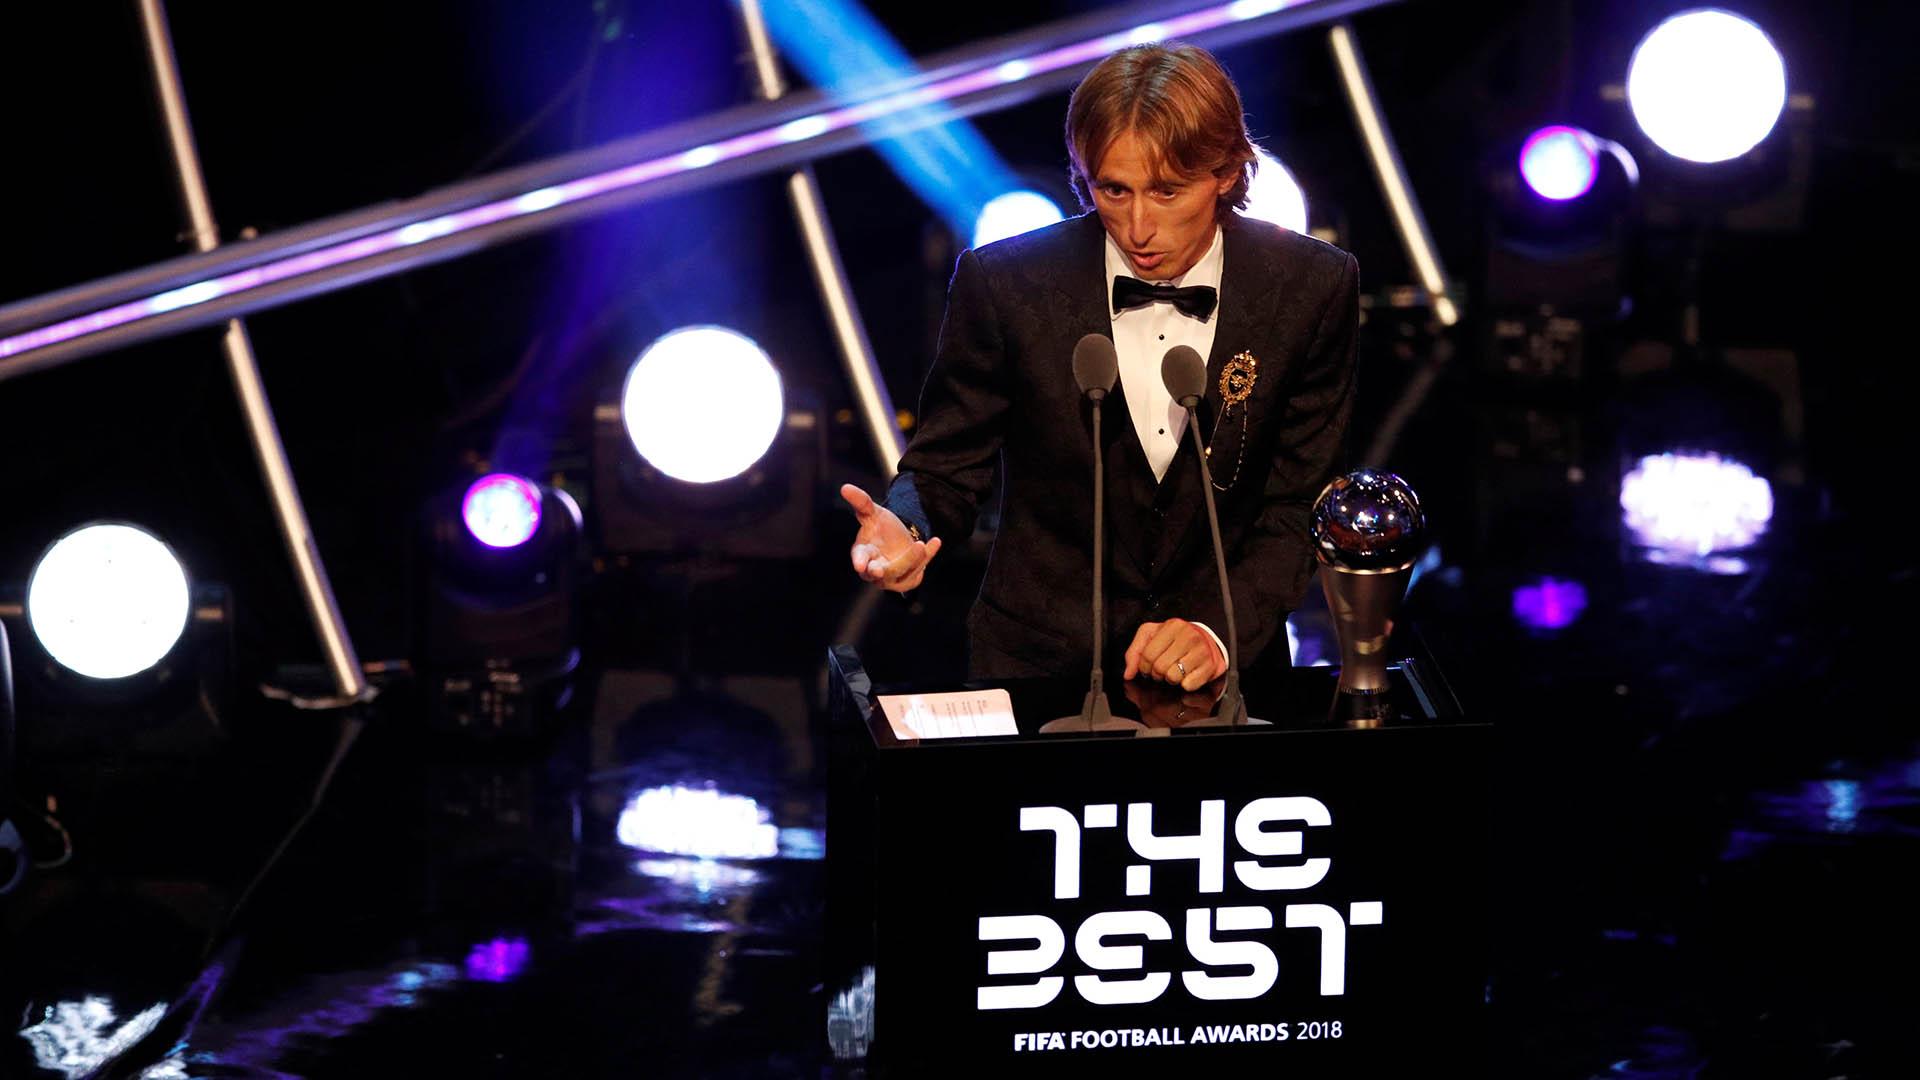 Luka Modric ganó el premio The Best como mejor jugador del mundo y terminó con el reinado de 10 años de Cristiano Ronaldo y Lionel Messi el 24 de septiembre